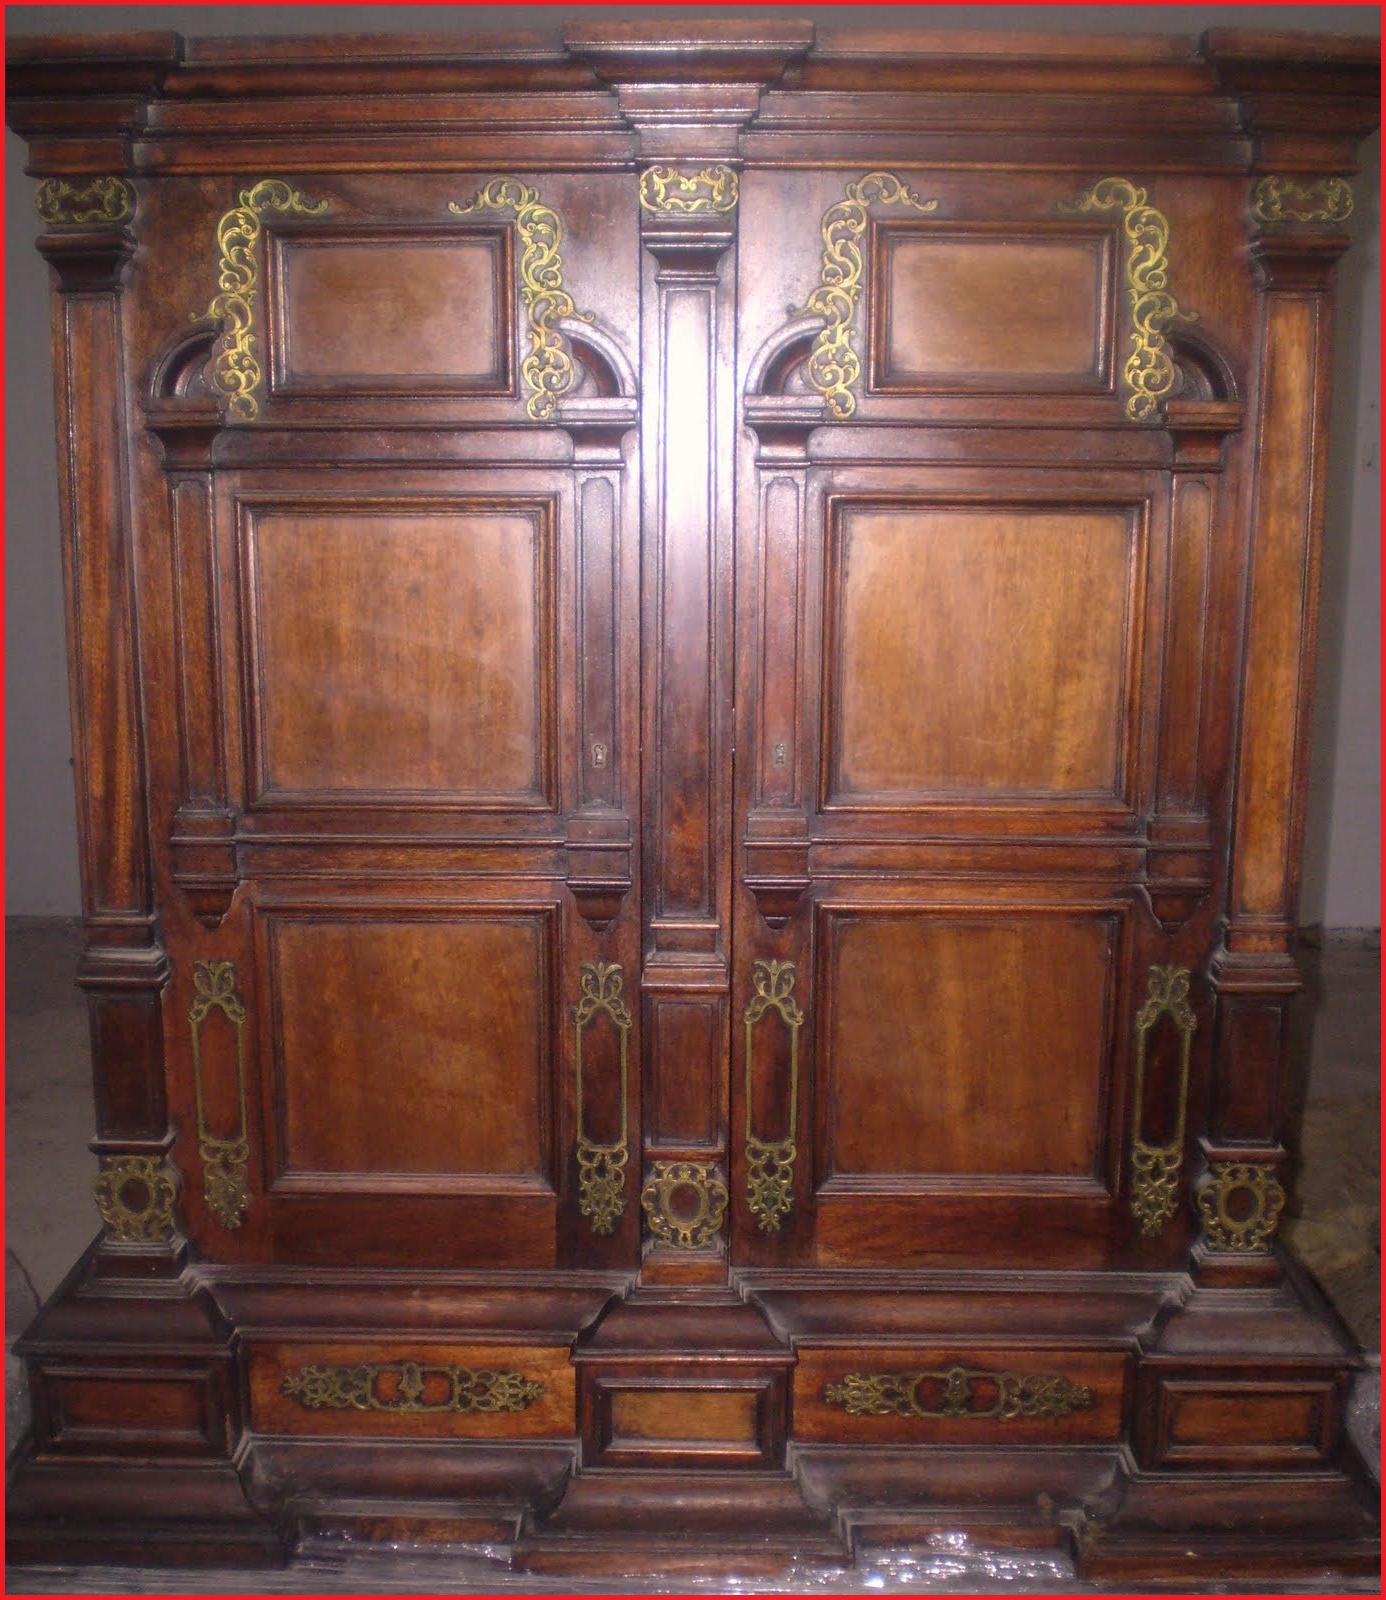 Venta De Muebles Antiguos Para Restaurar Dddy Muebles Antiguos En Venta Venta De Muebles Antiguos Para